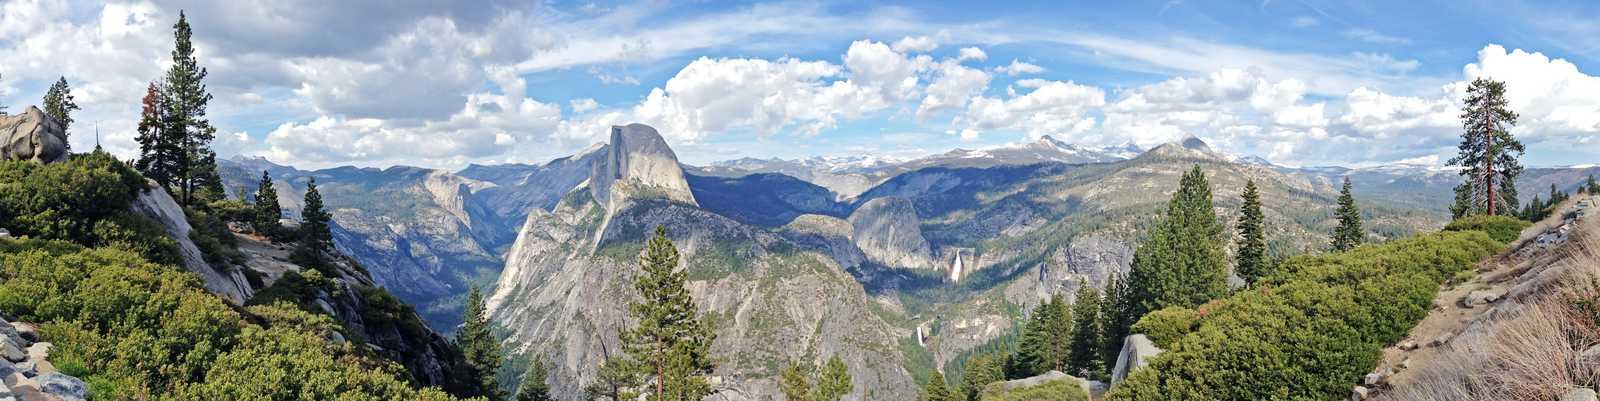 Blick hinab ins Yosemite-Tal